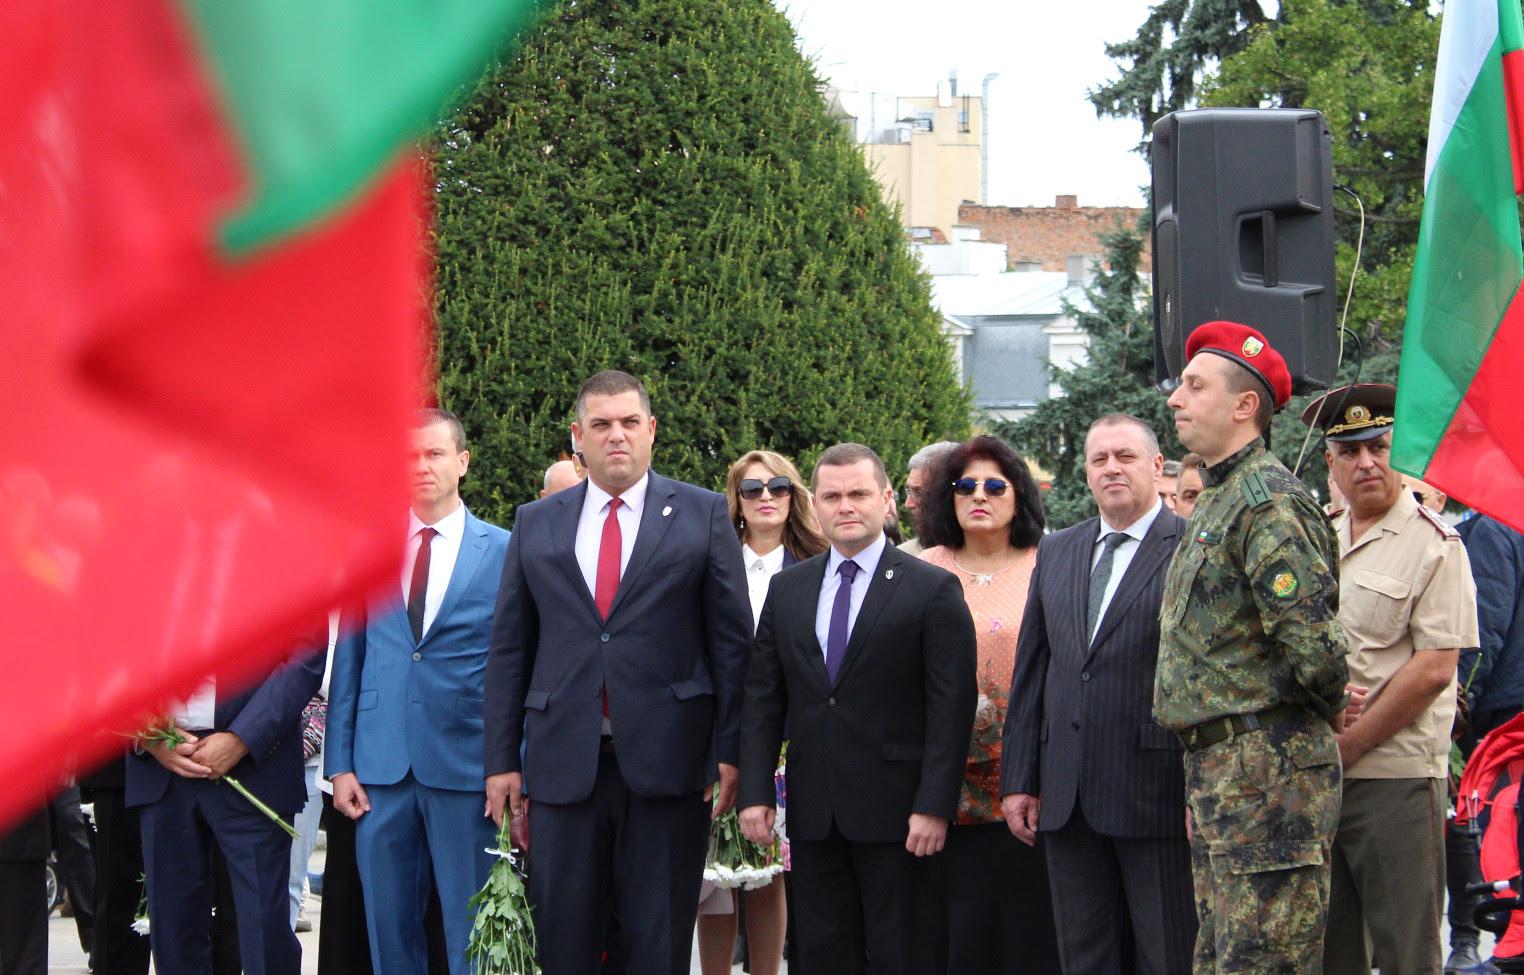 Пред Паметника на Свободата свещеници от Русенската митрополия отслужиха благодарствен